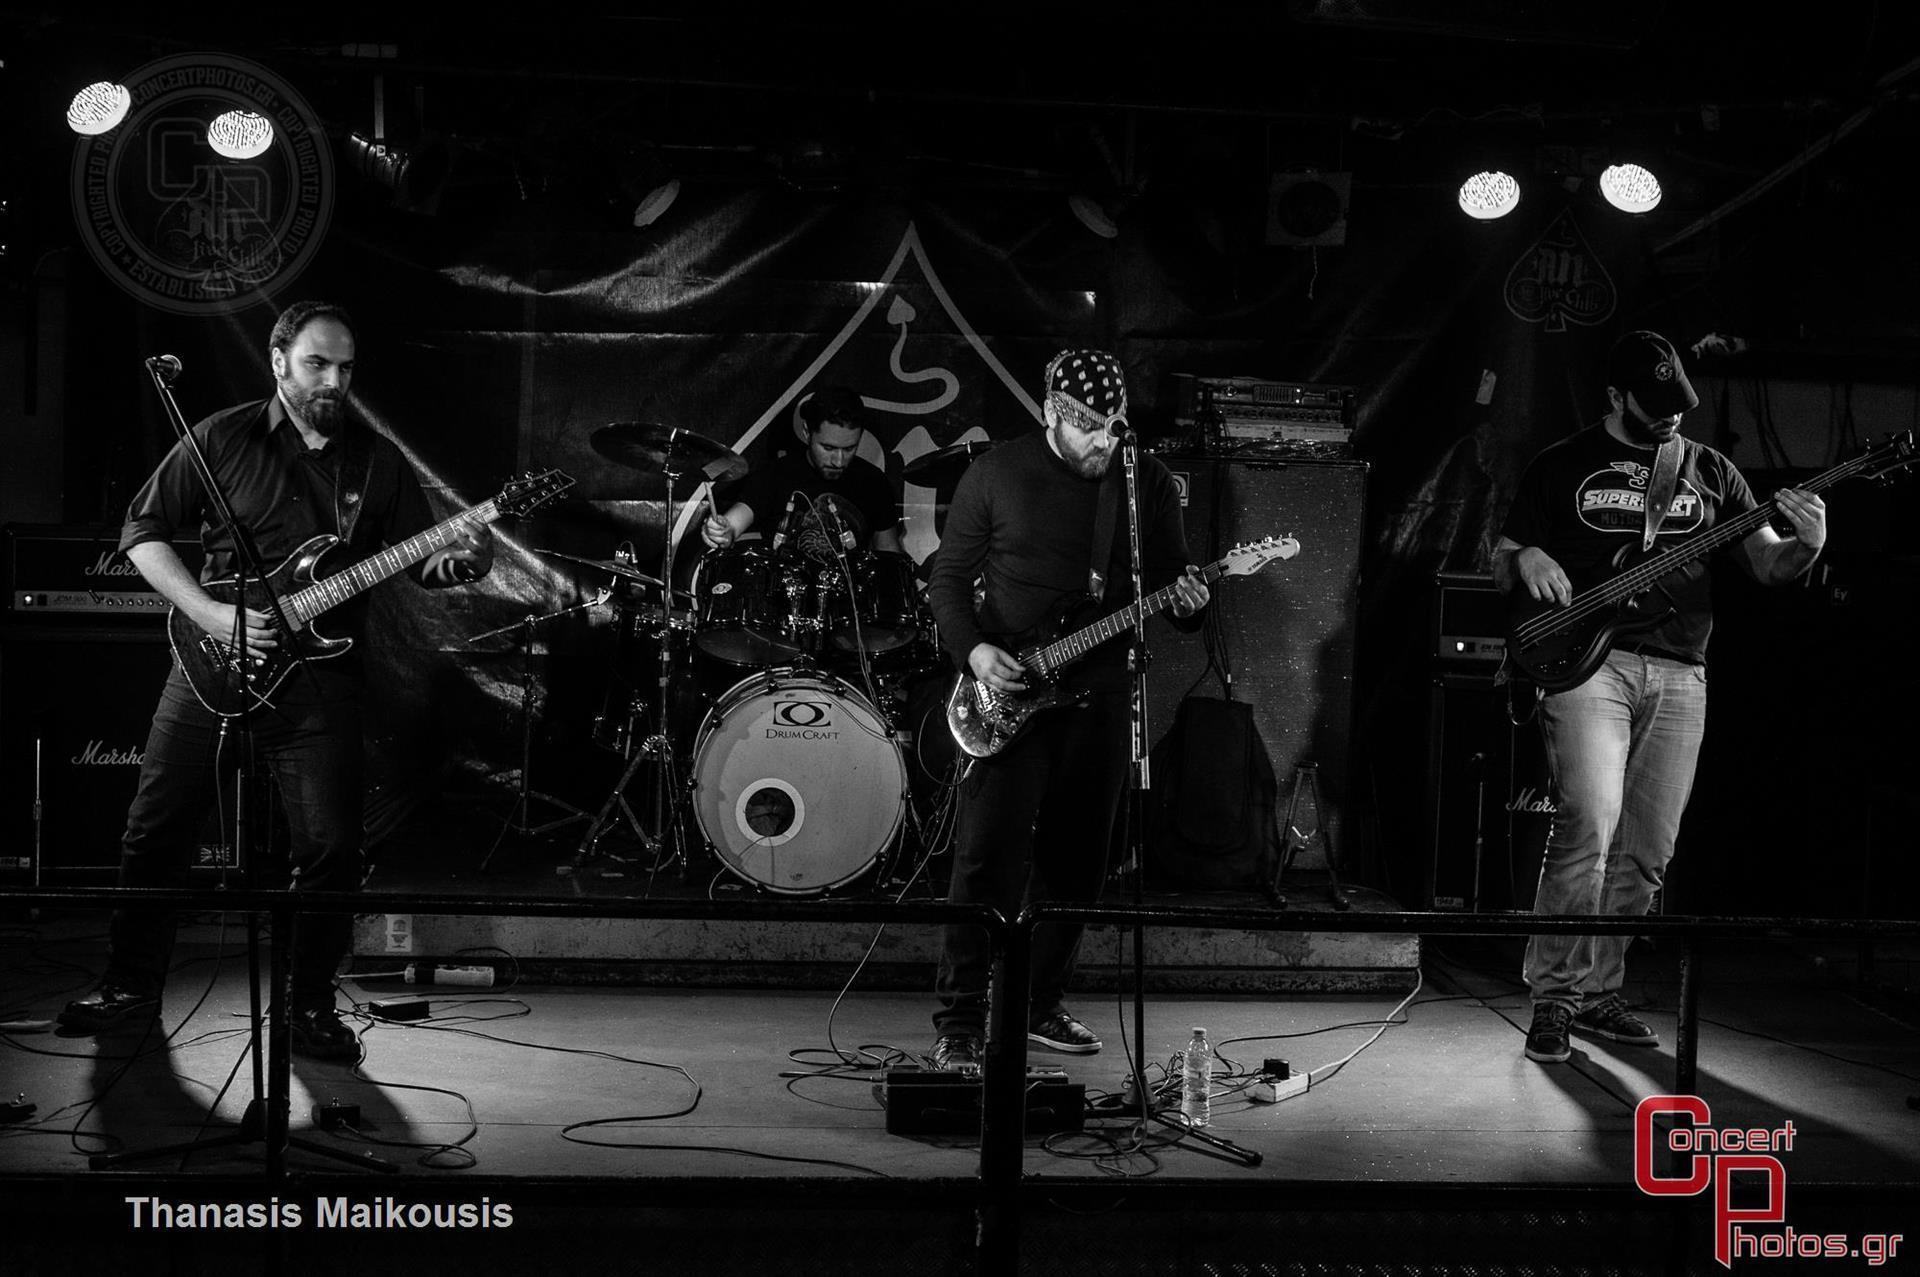 Battle Of The Bands Leg 5-Battle Of The Bands Leg 4 photographer: Thanasis Maikousis - ConcertPhotos - 20150315_2154_13